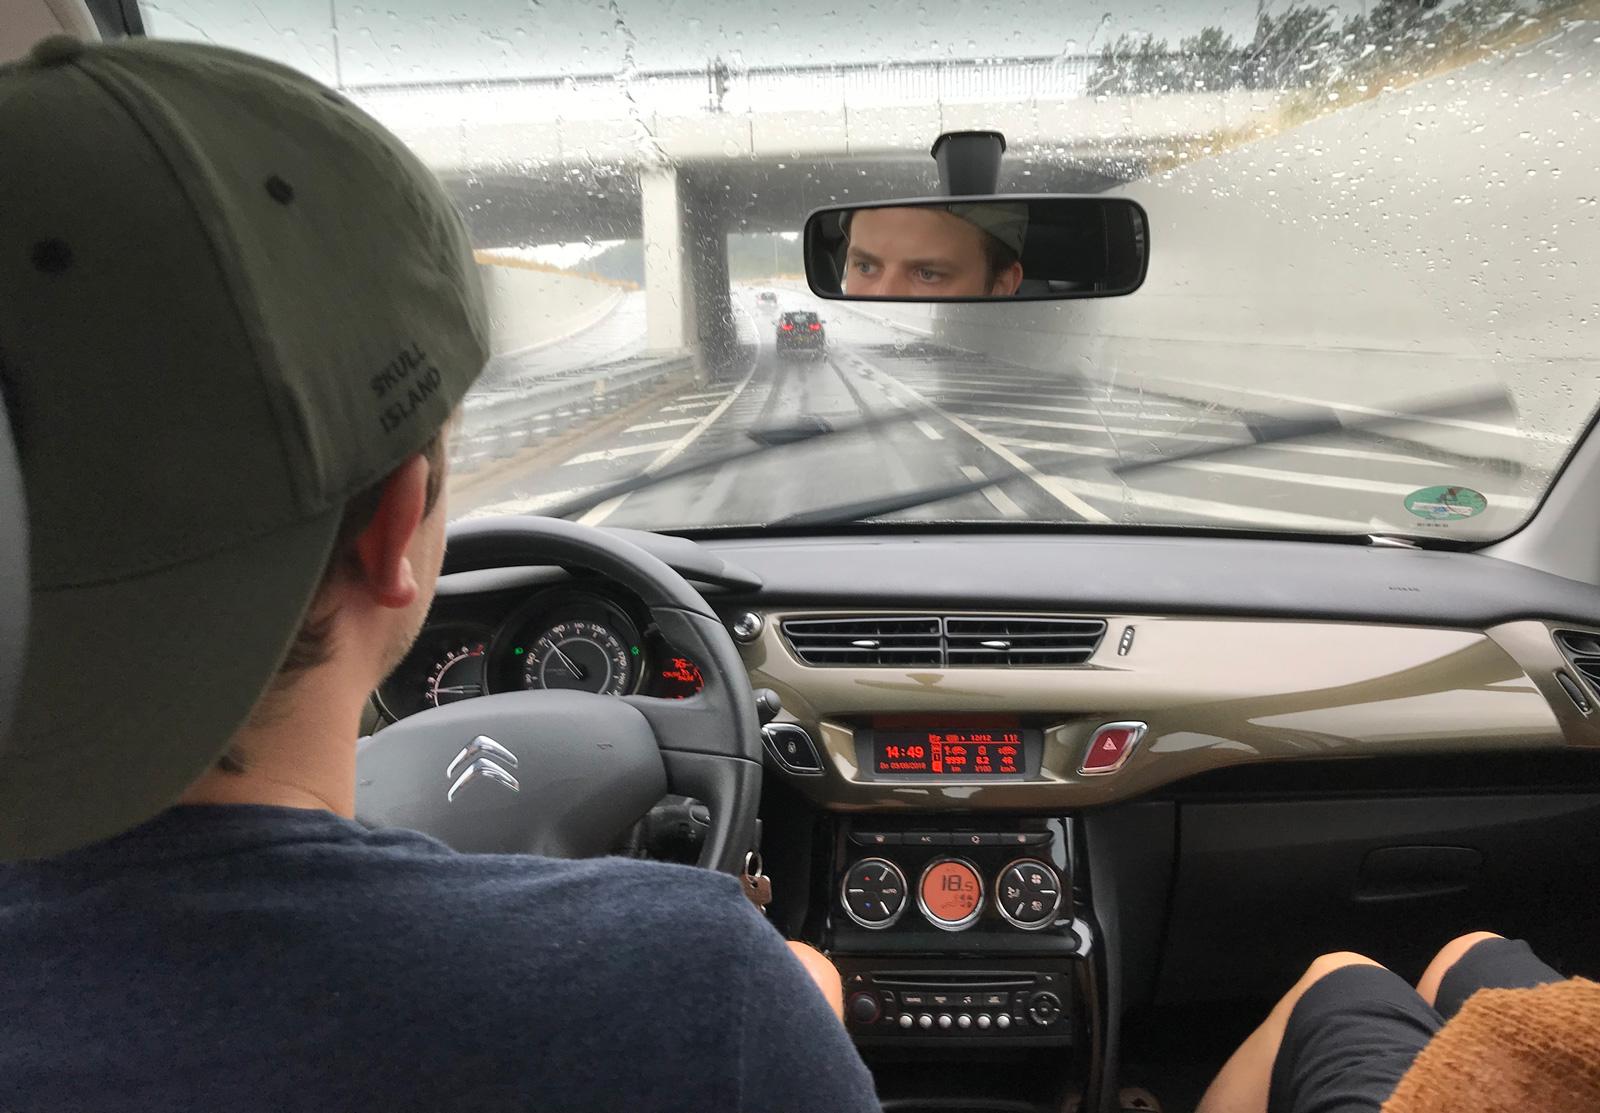 Schlechte Wetterverhältnisse erhöhen das Unfallrisiko. Auf speziellen Übungsplätzen kannst du das Fahren bei schwierigen Verhältnissen üben.